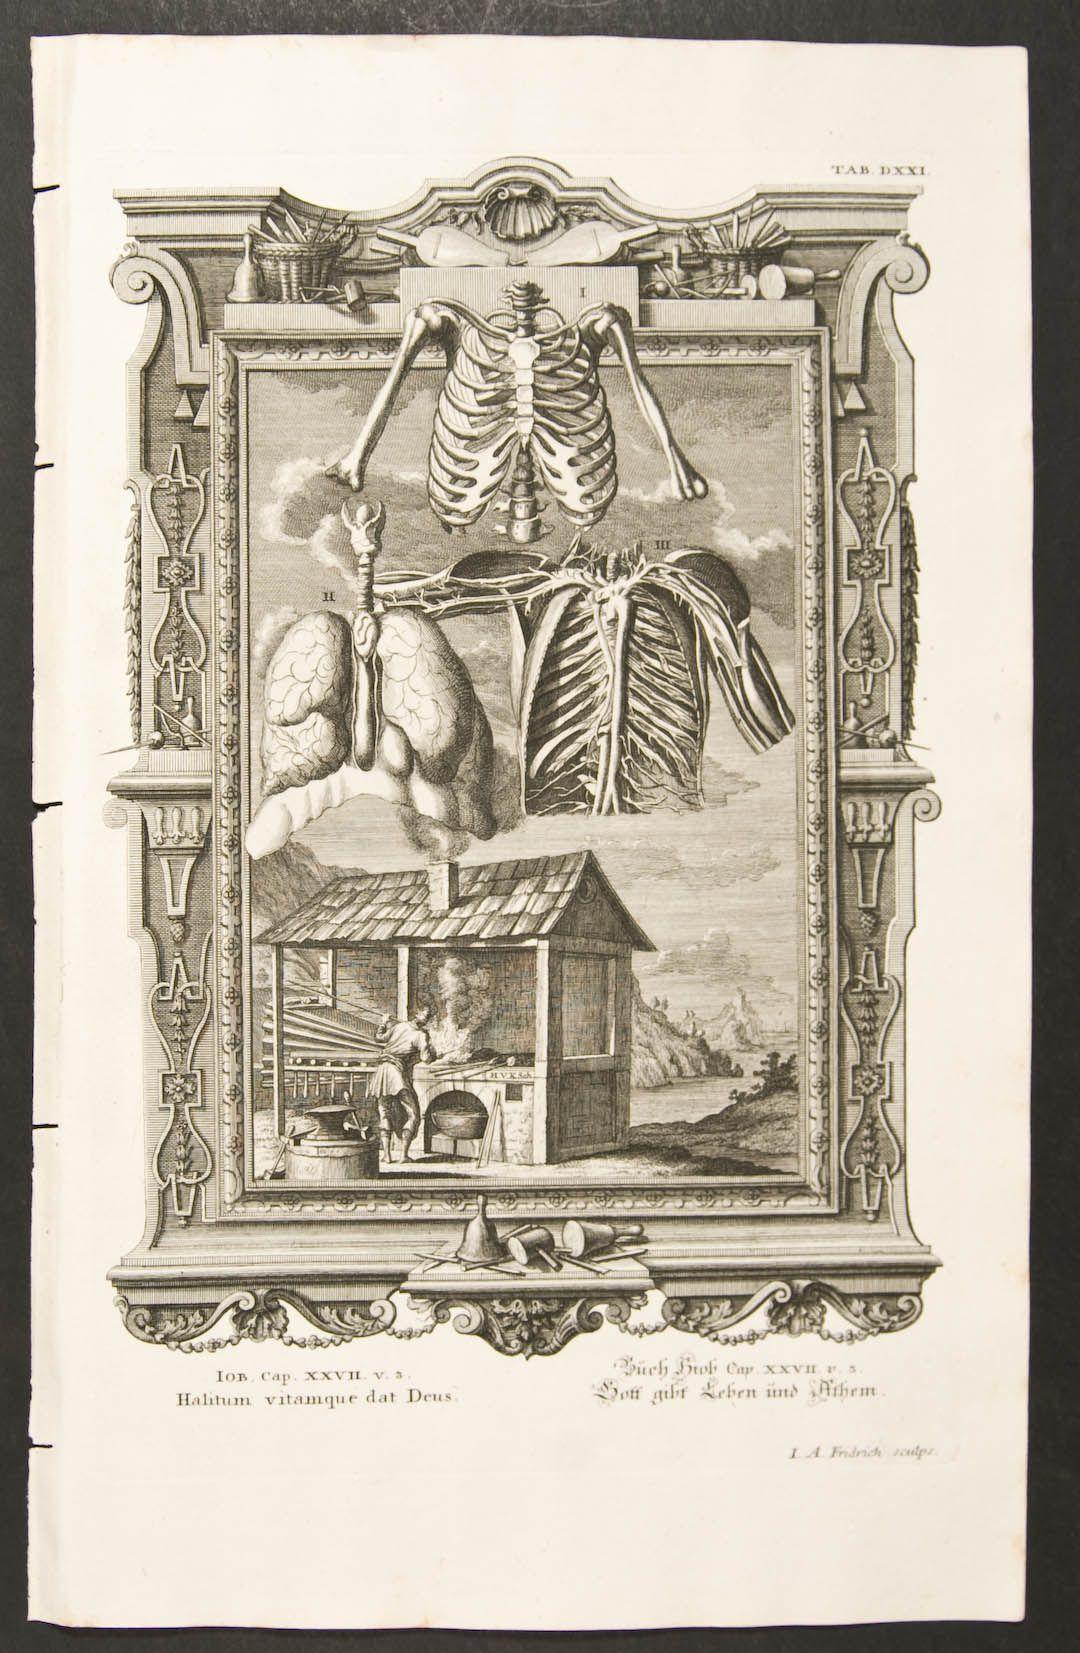 Skeleton, Organs, & Man using Smoking Hut | Anatomie | Pinterest ...